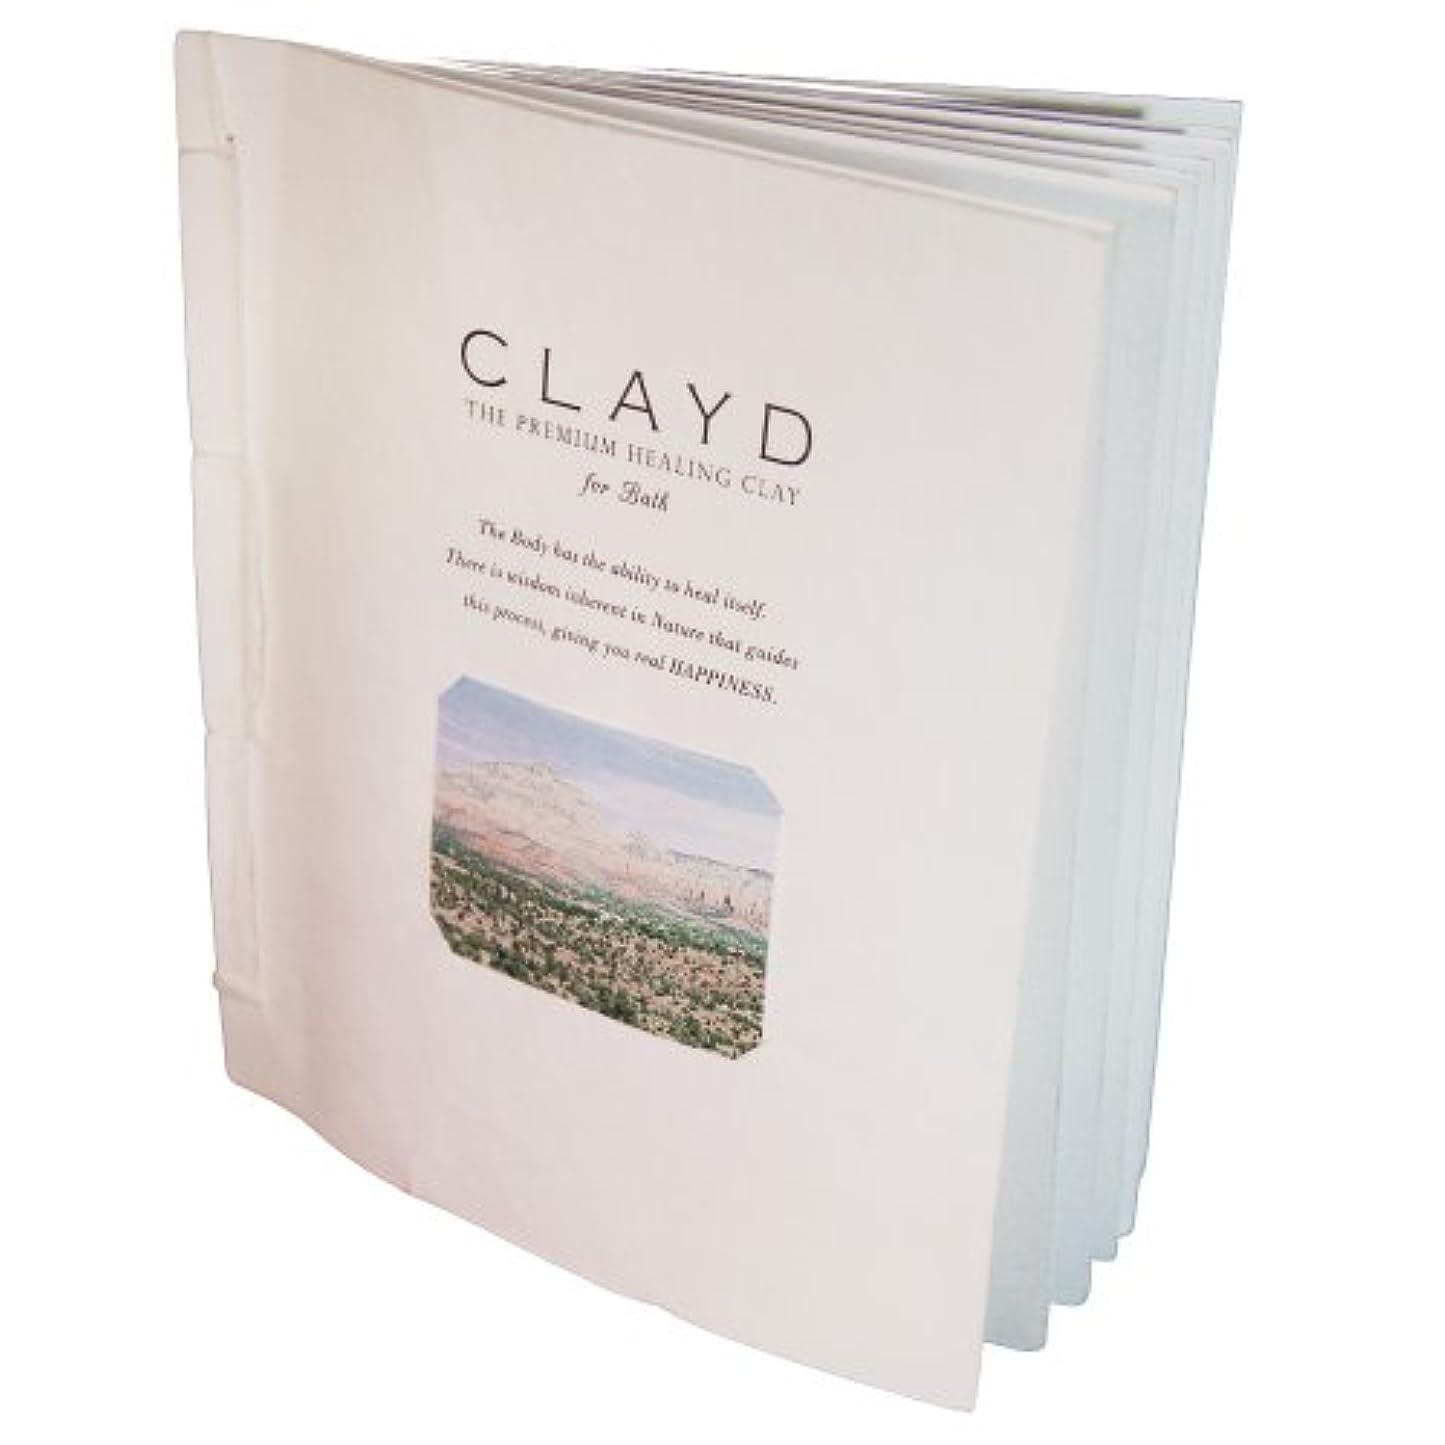 アイザック中世のボウリングクレイド WEEK BOOK 30g×7包